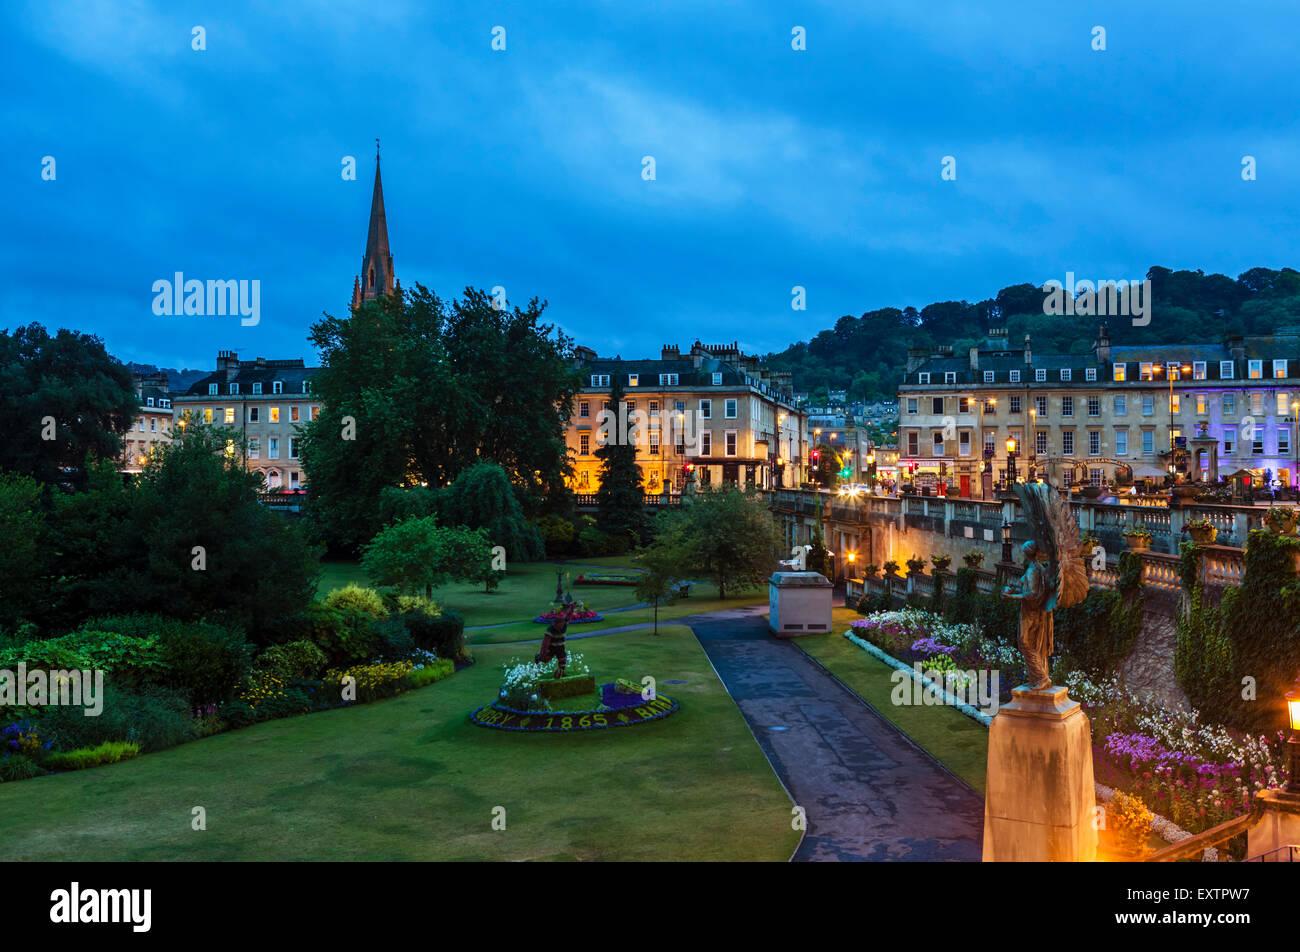 Night Shot de desfile de jardines en el centro histórico de la ciudad, baño, Somerset, Inglaterra, Reino Imagen De Stock